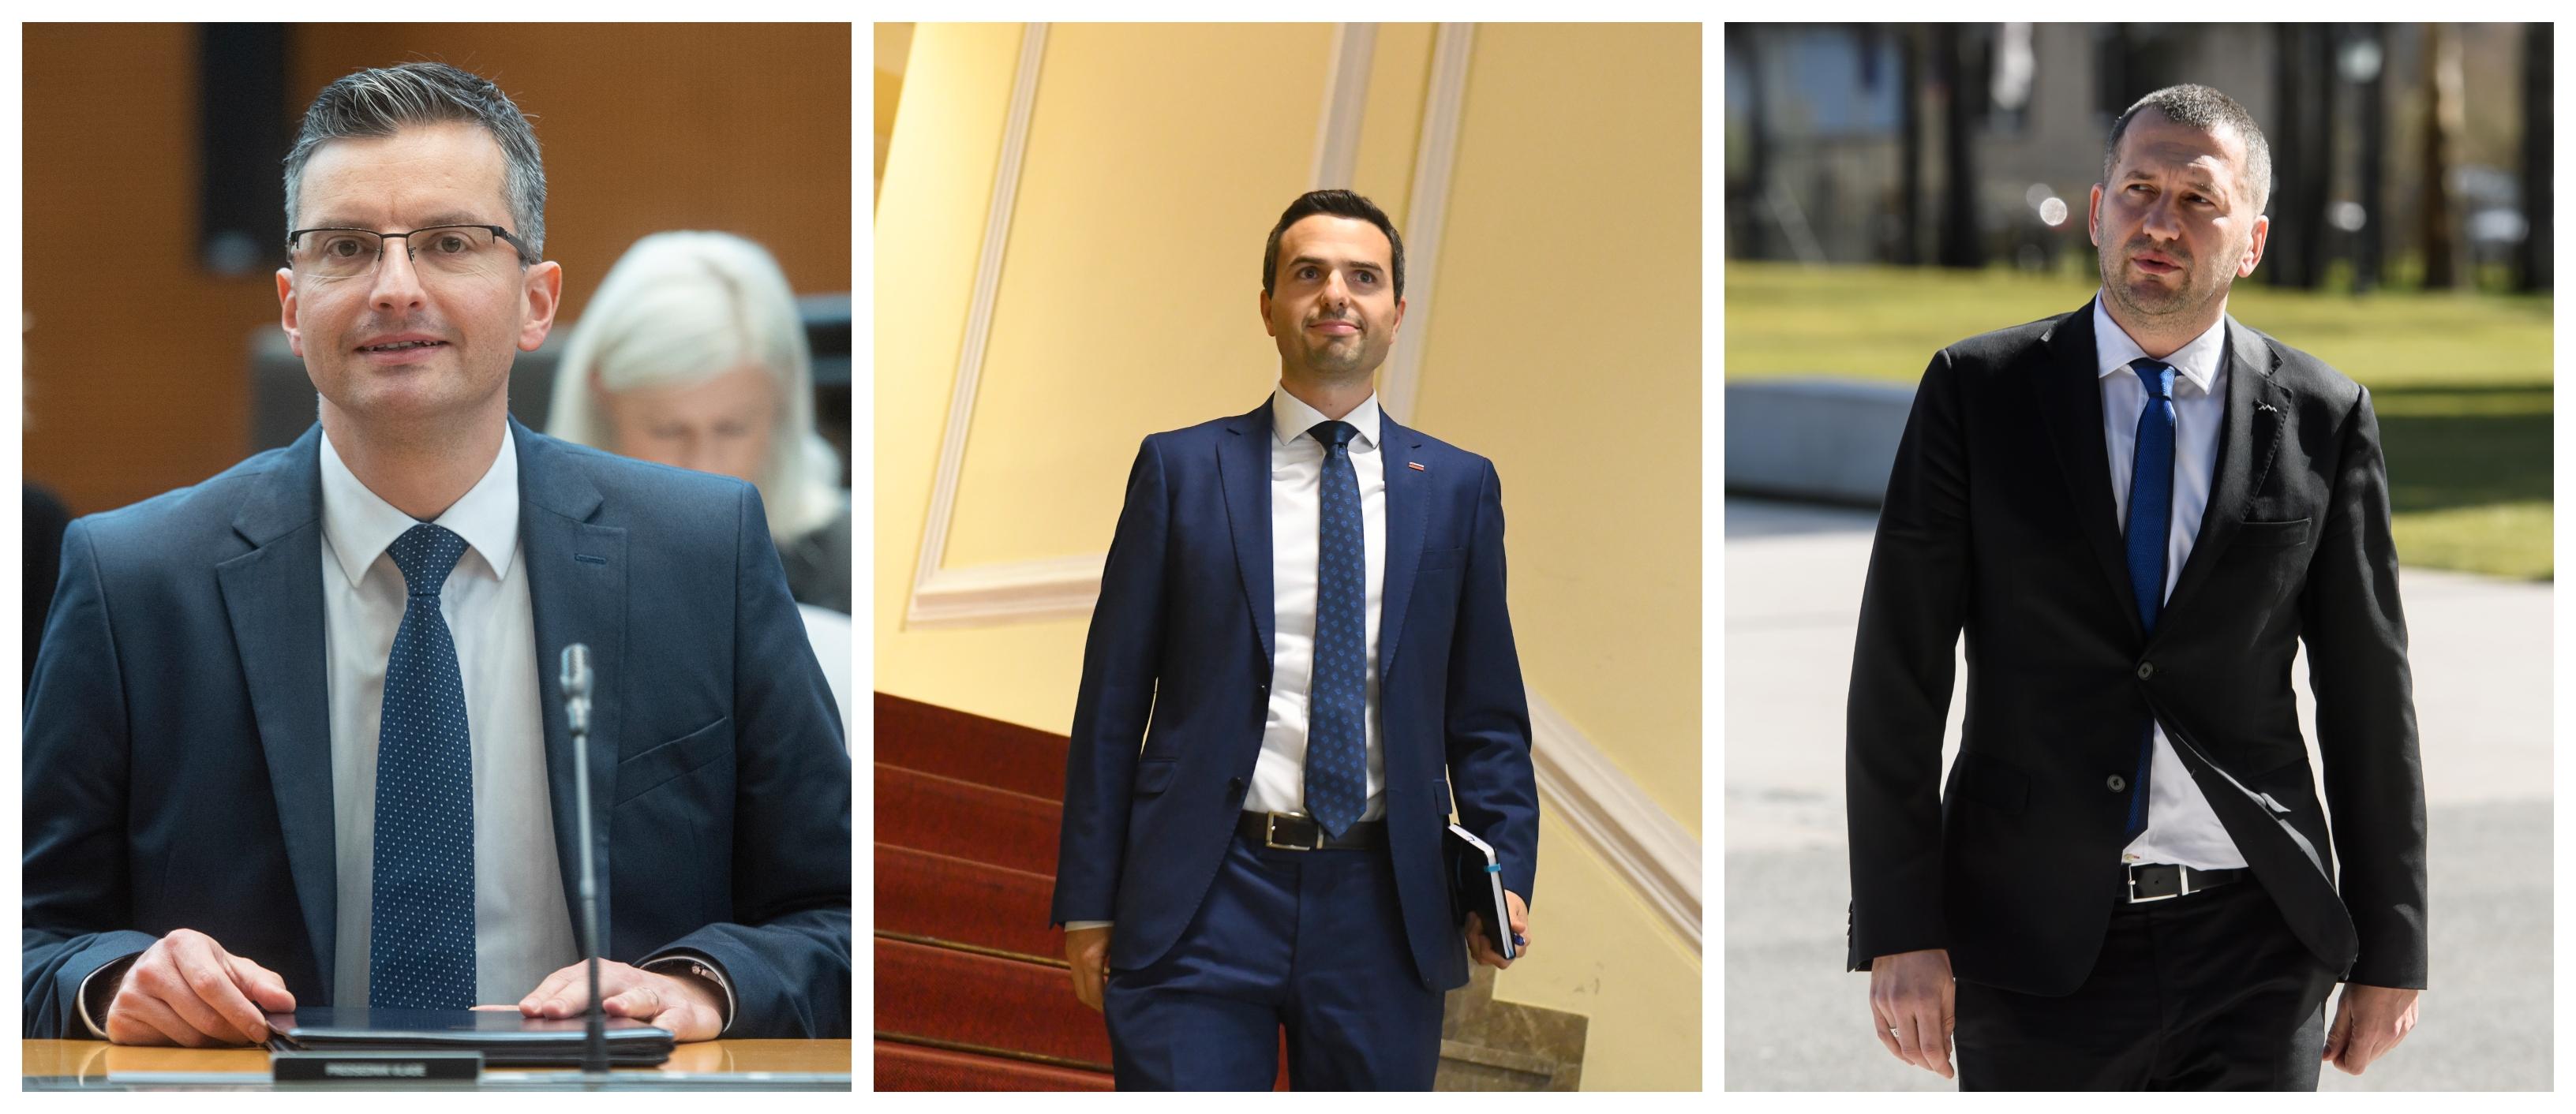 Marjan Šarec, Matej Tonin in Damir Črnčec (Foto: STA)